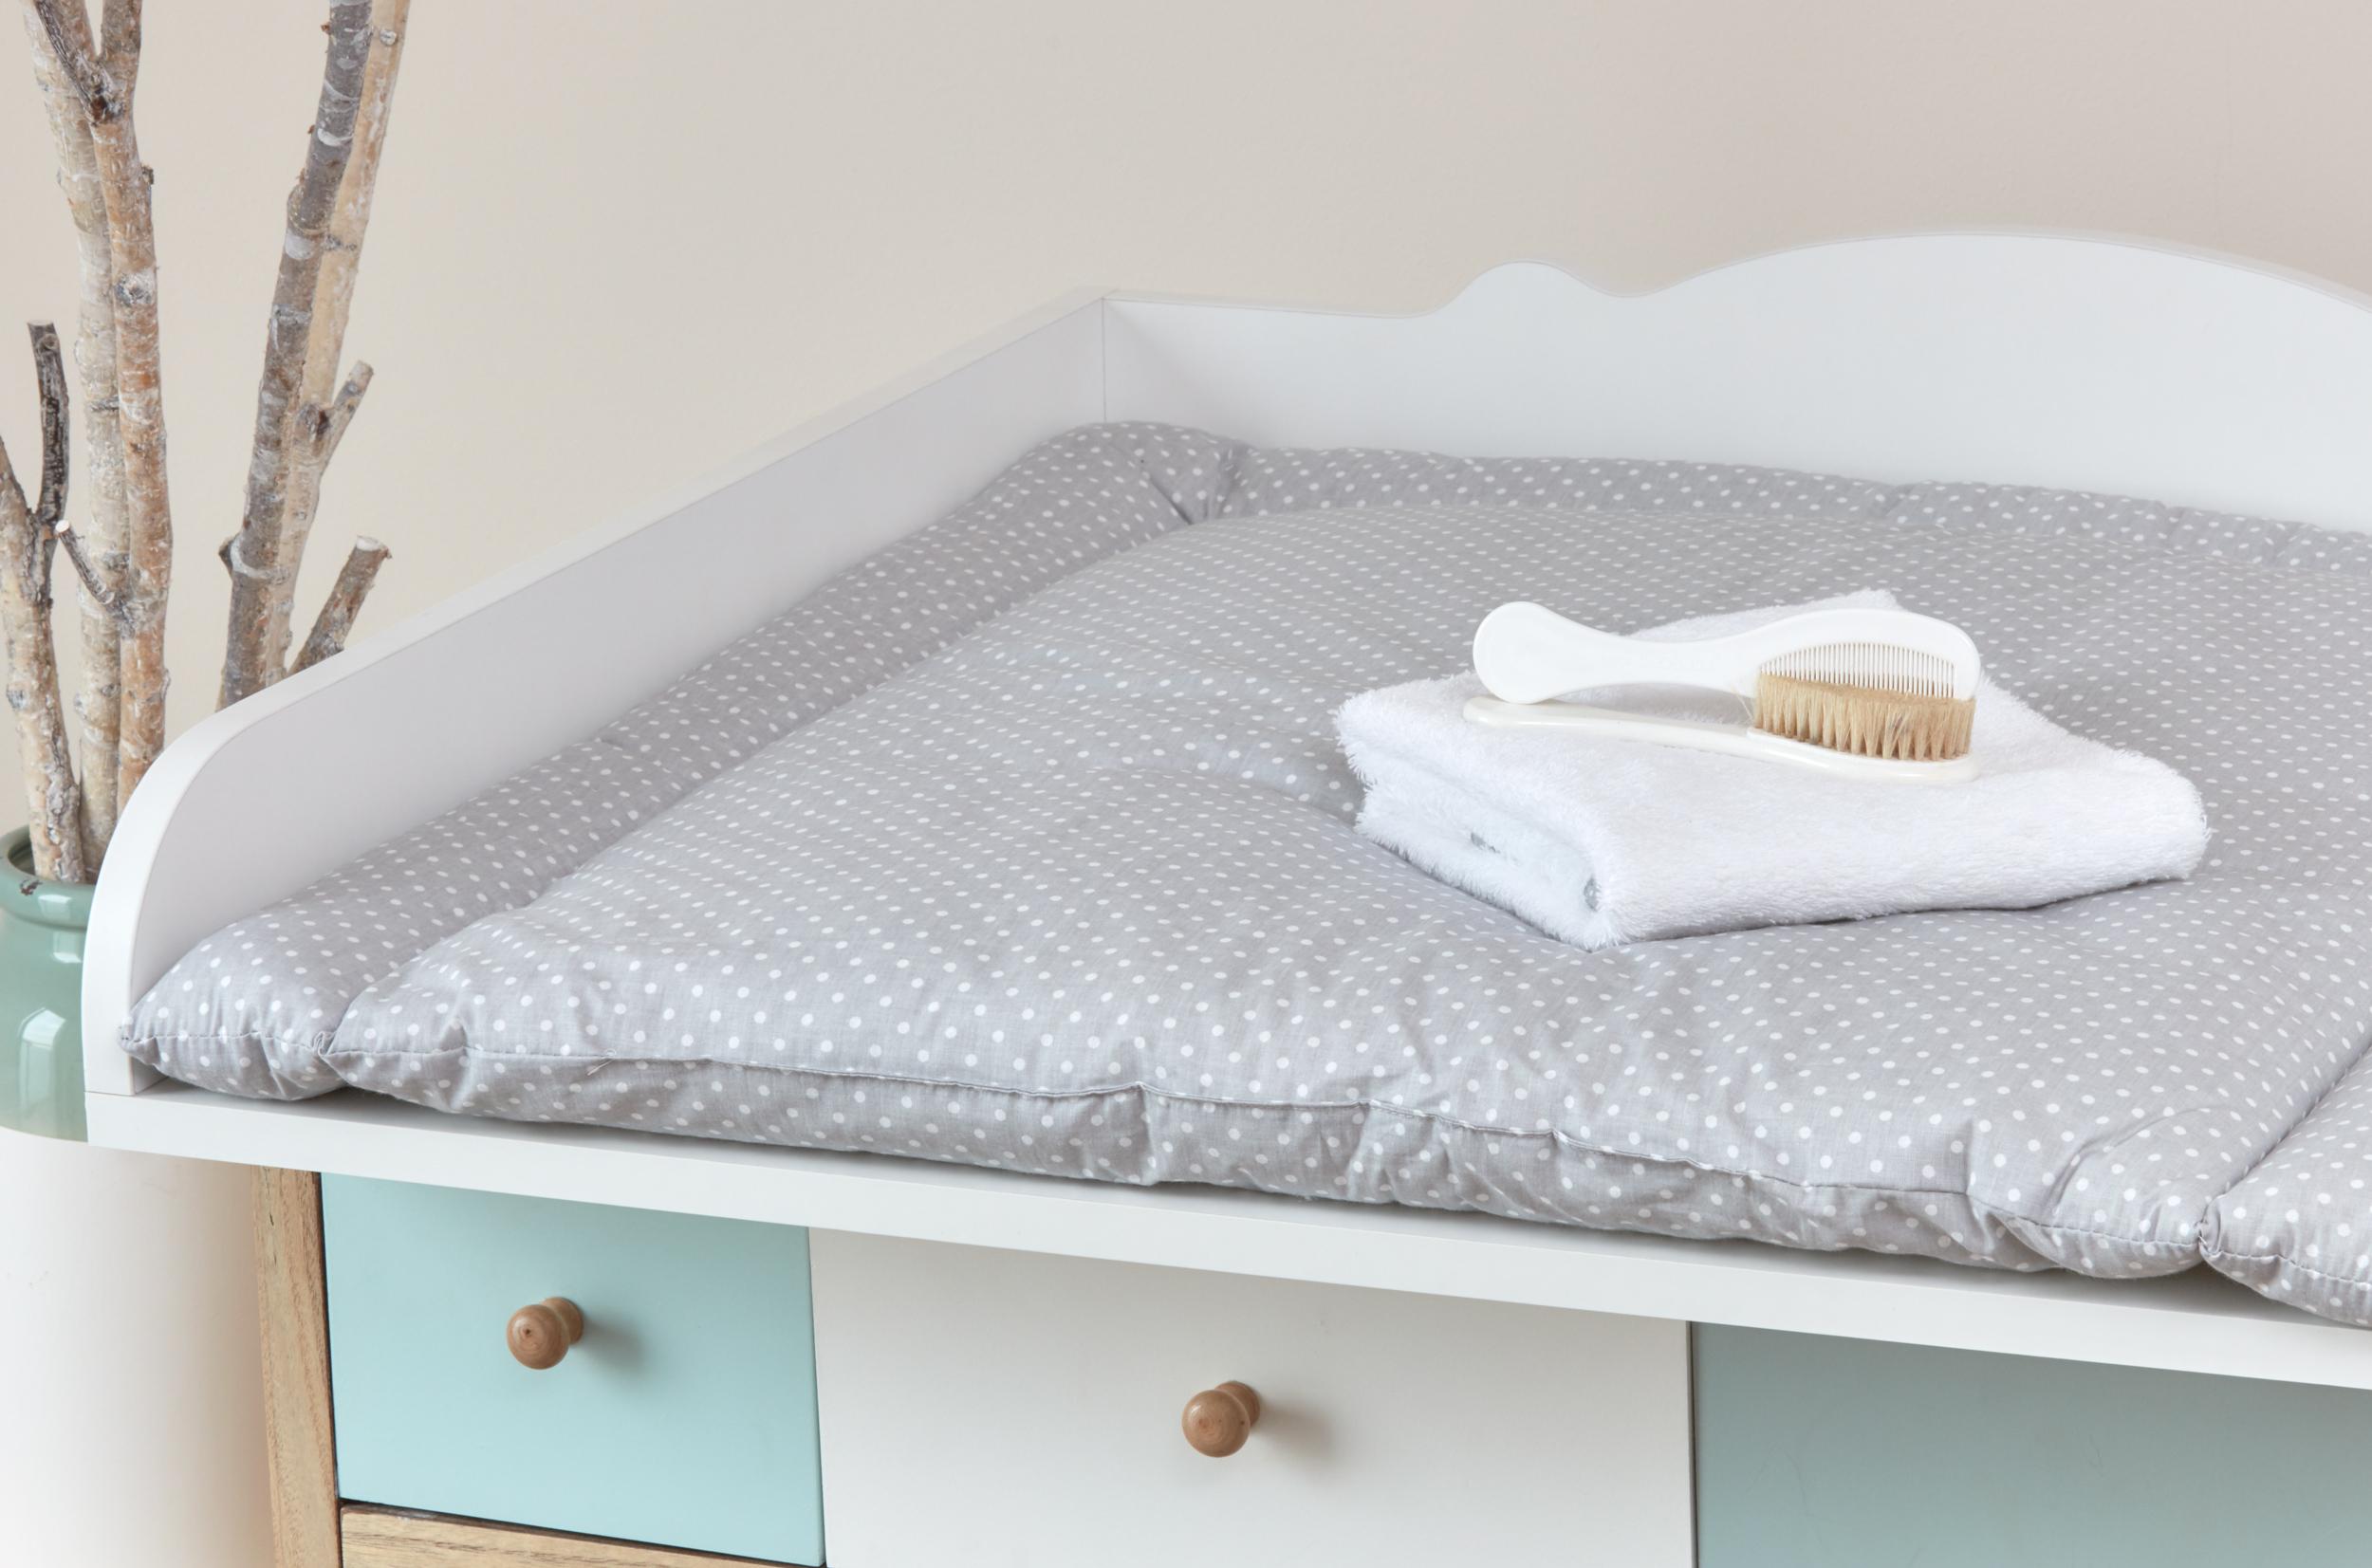 kraftkids wickelauflage wei e punkte auf grau breit 75 x tief 70 cm. Black Bedroom Furniture Sets. Home Design Ideas